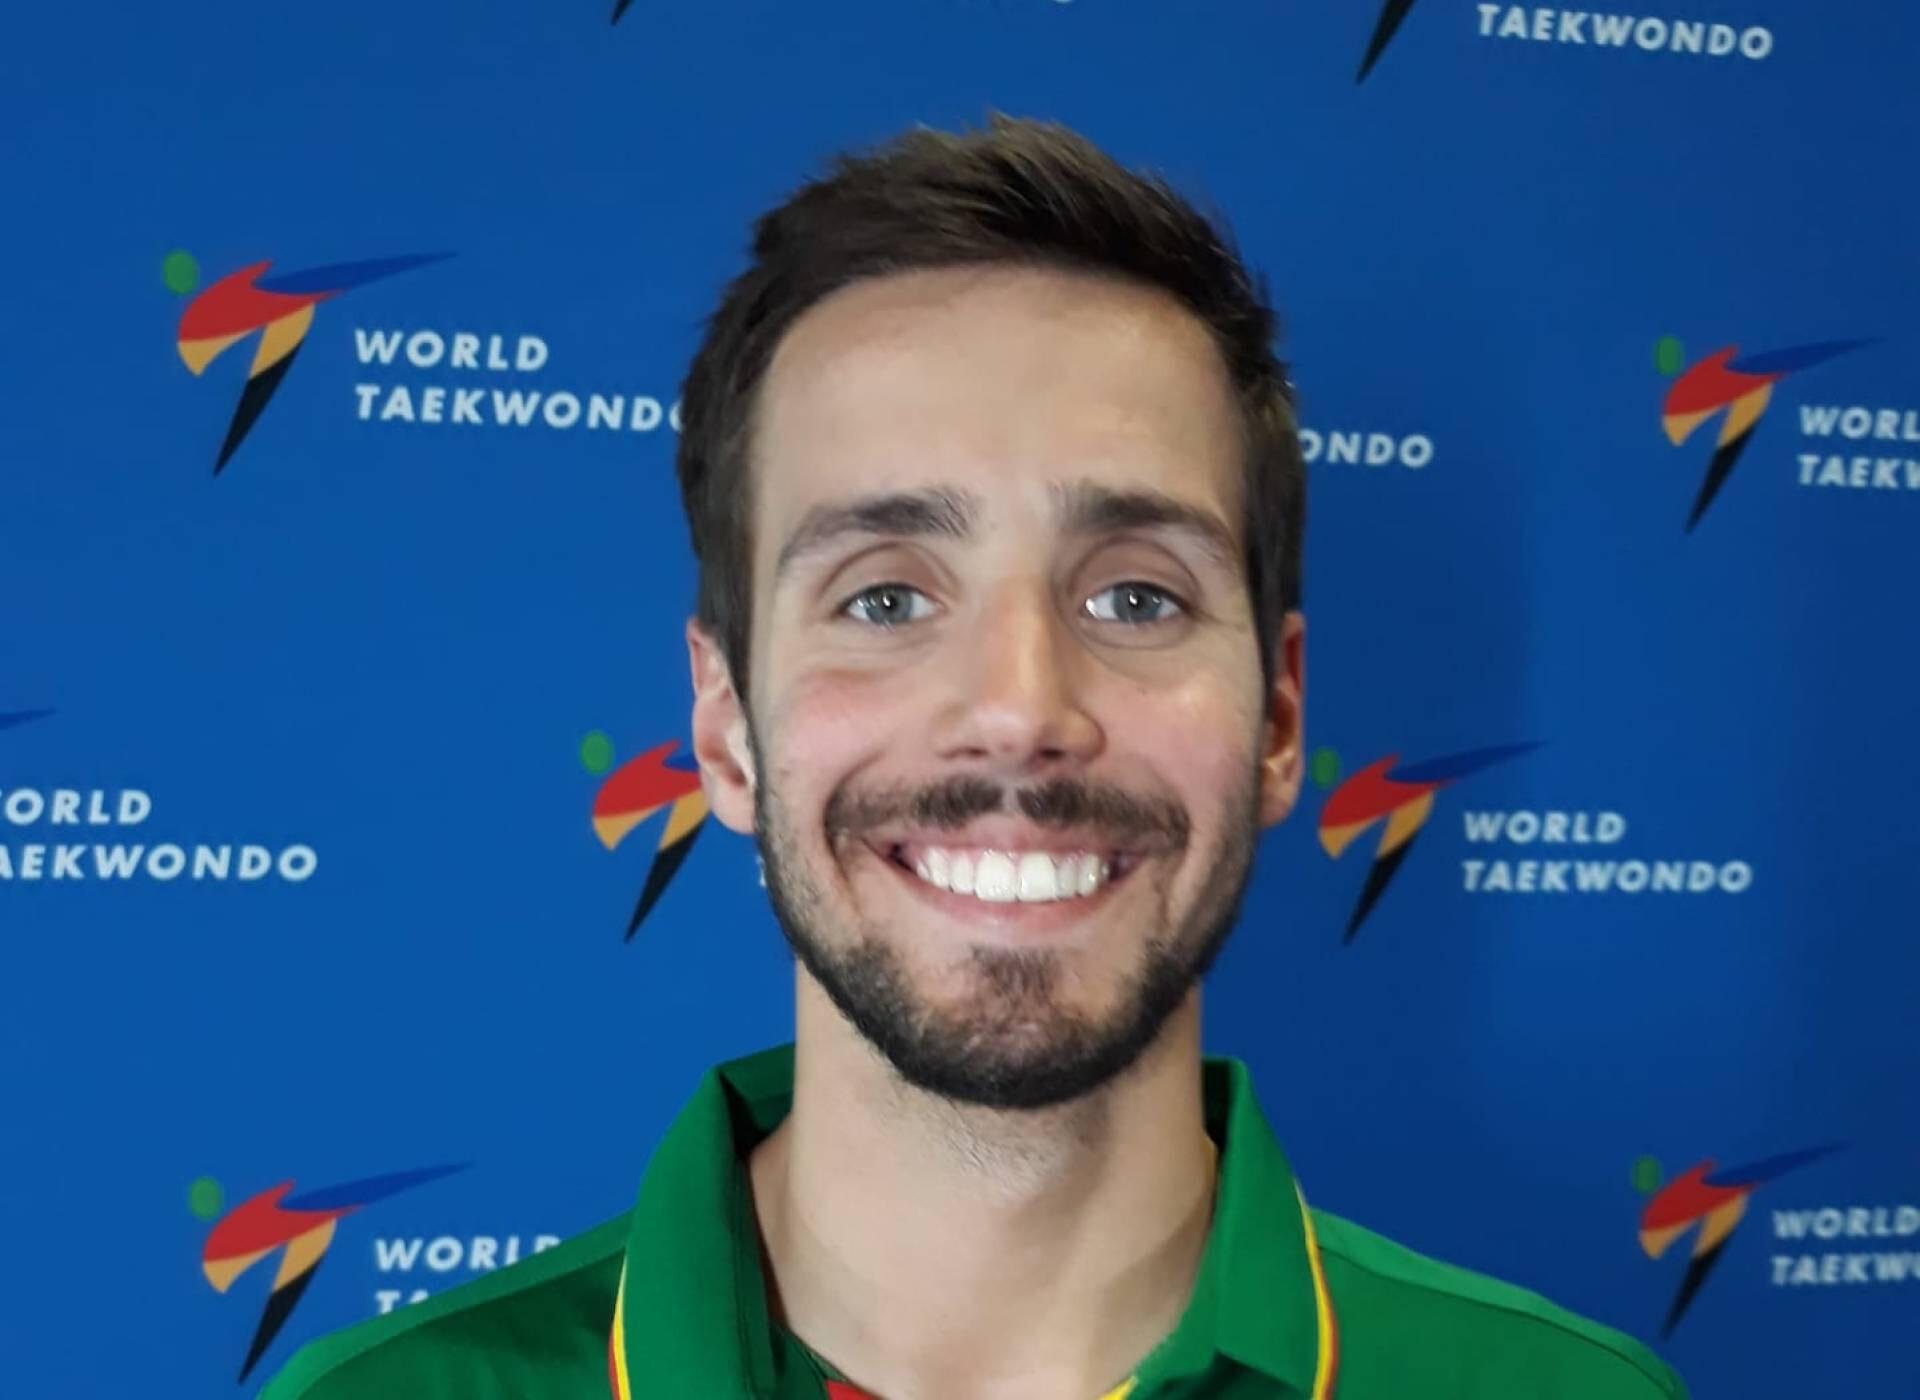 Rui Bragança conquista medalha de bronze nos mundiais